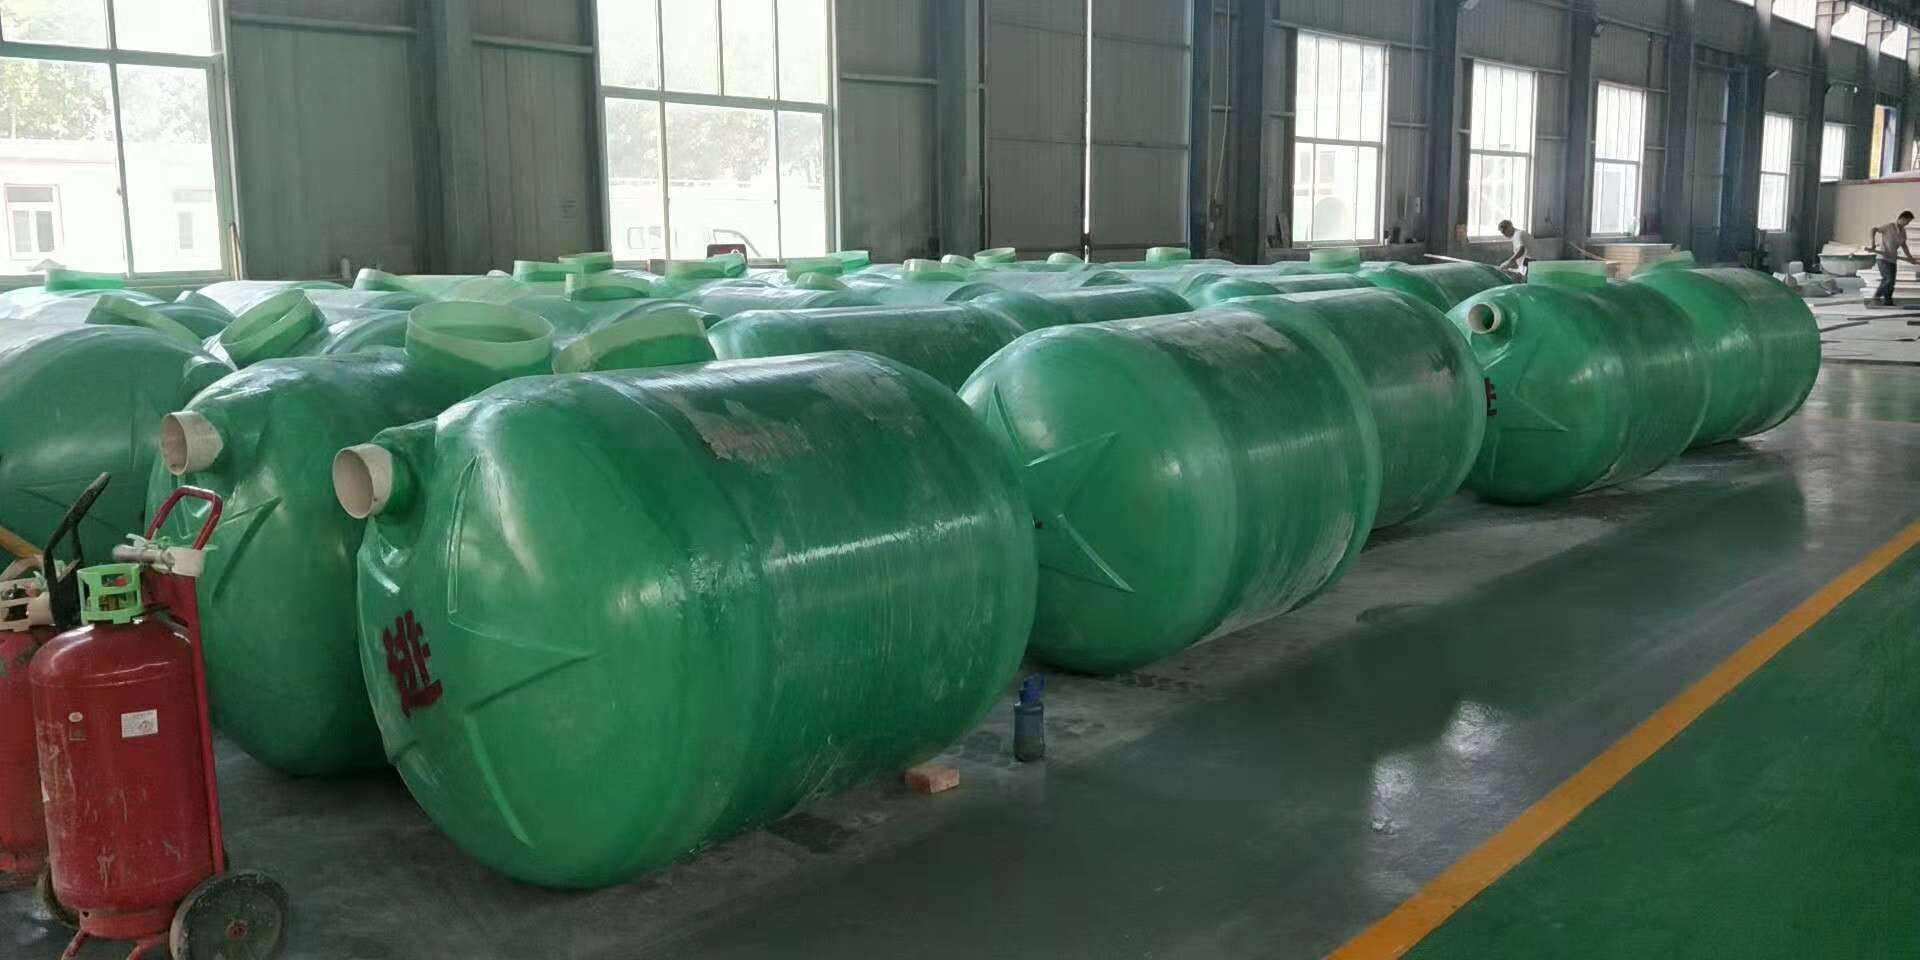 选购四川玻璃钢化粪池时需要注重这些点